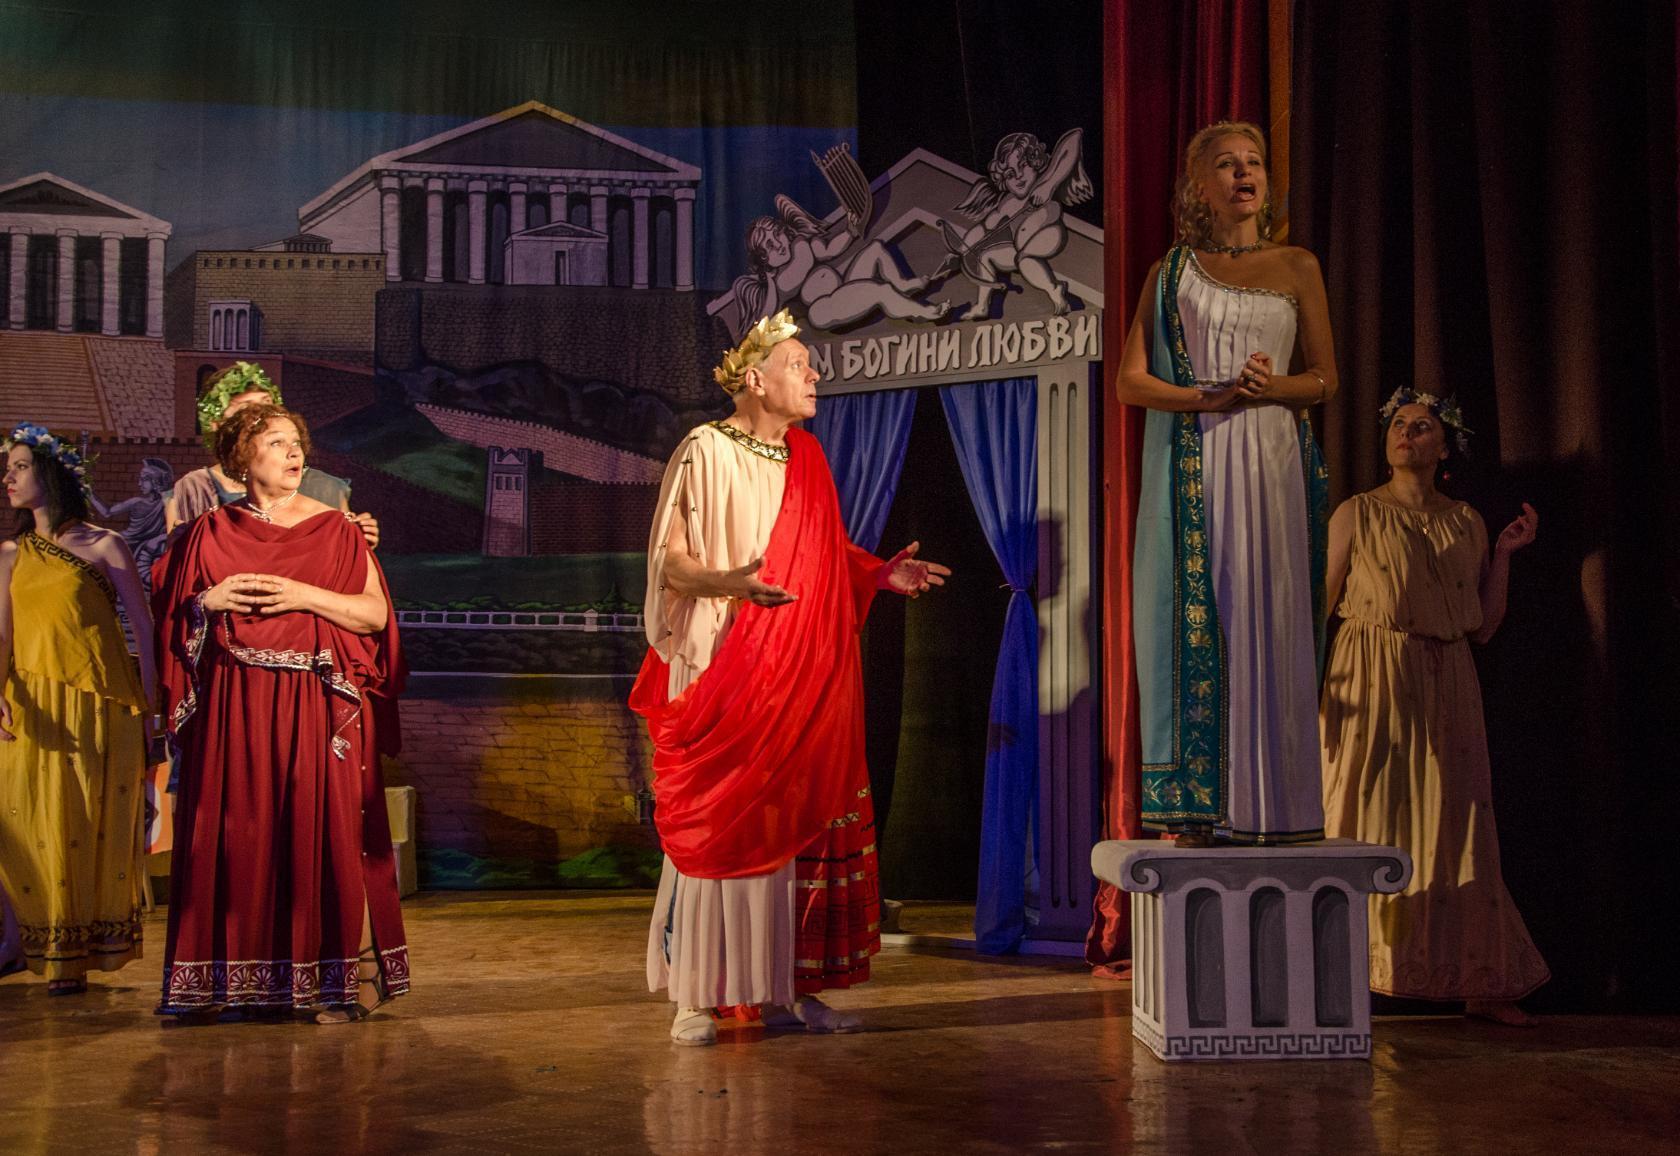 Камерный музыкальный театр Адыгеи примет участие в международном фестивале античного искусства